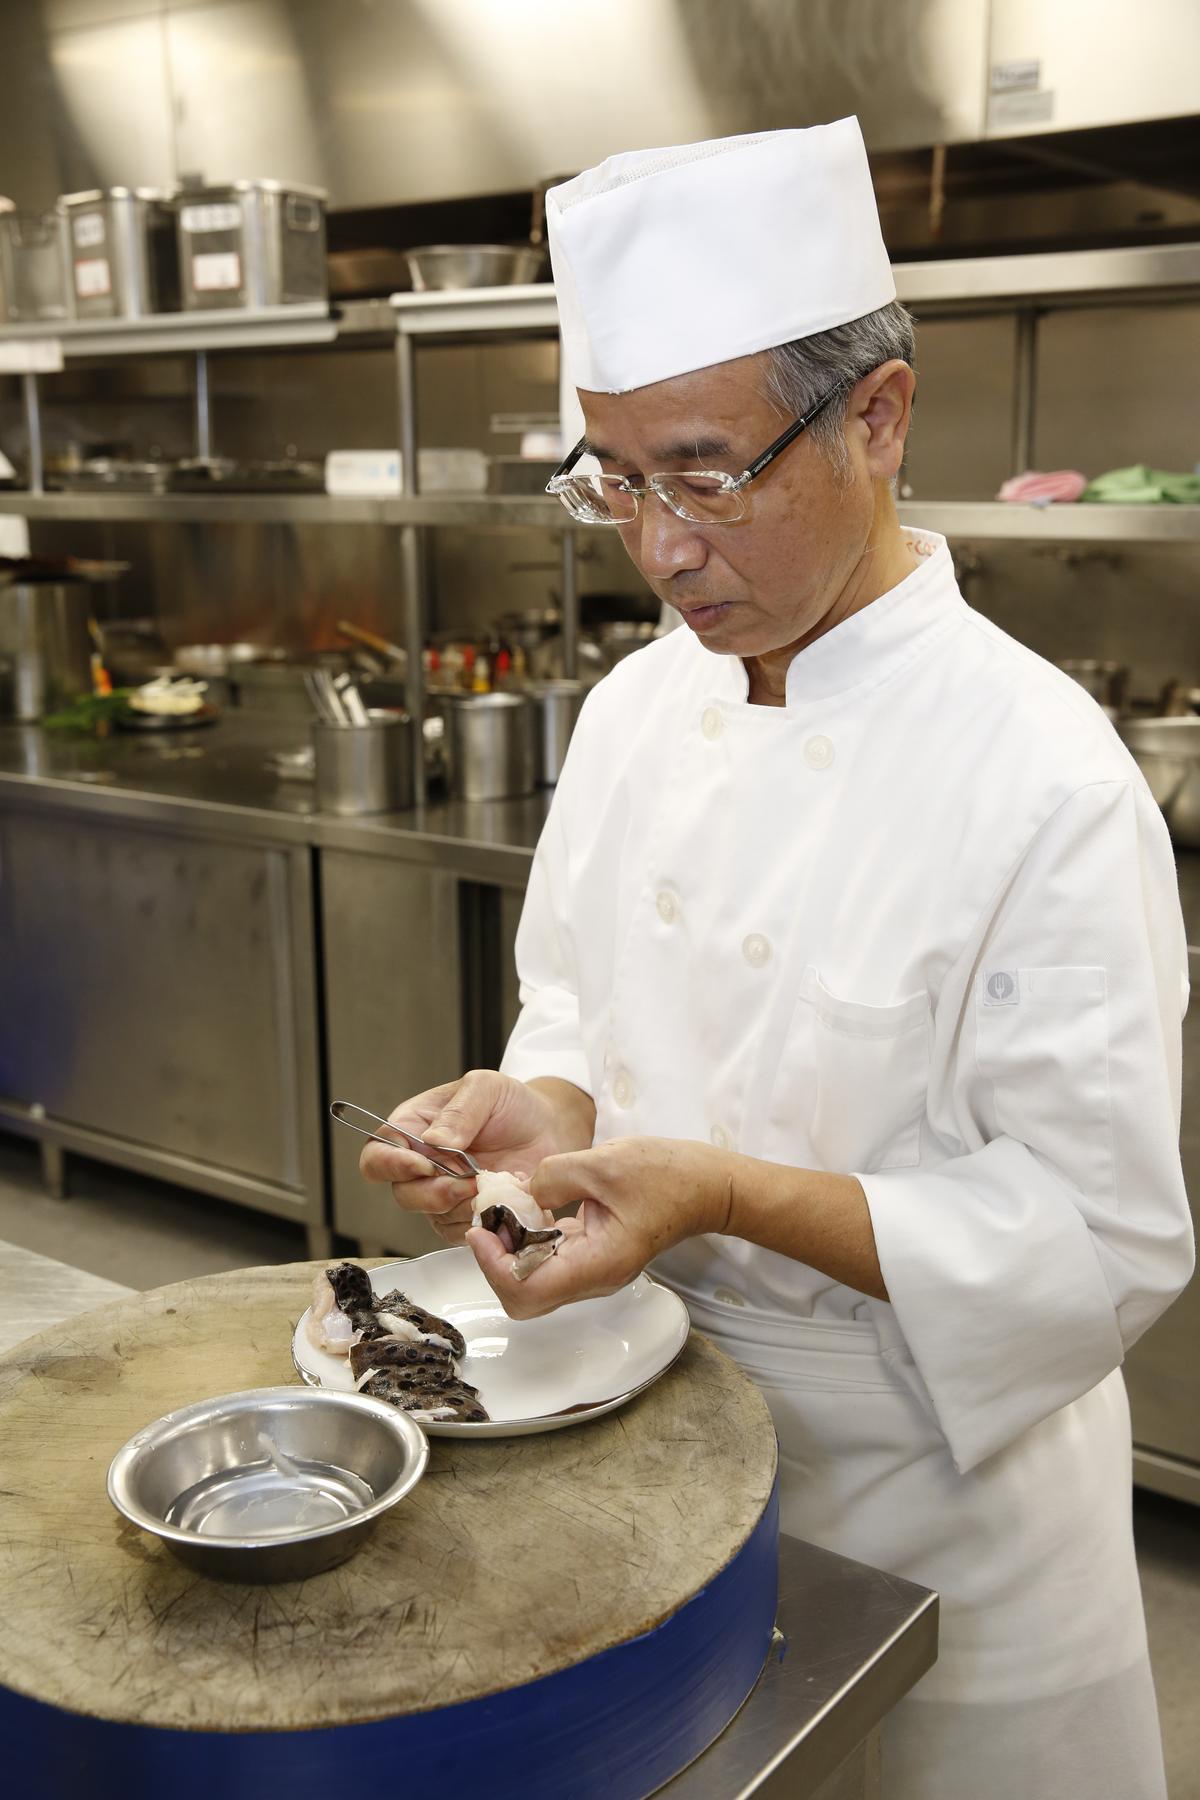 手路菜費工,「米香」的老師傅正小心的將錢鰻挑骨去刺。